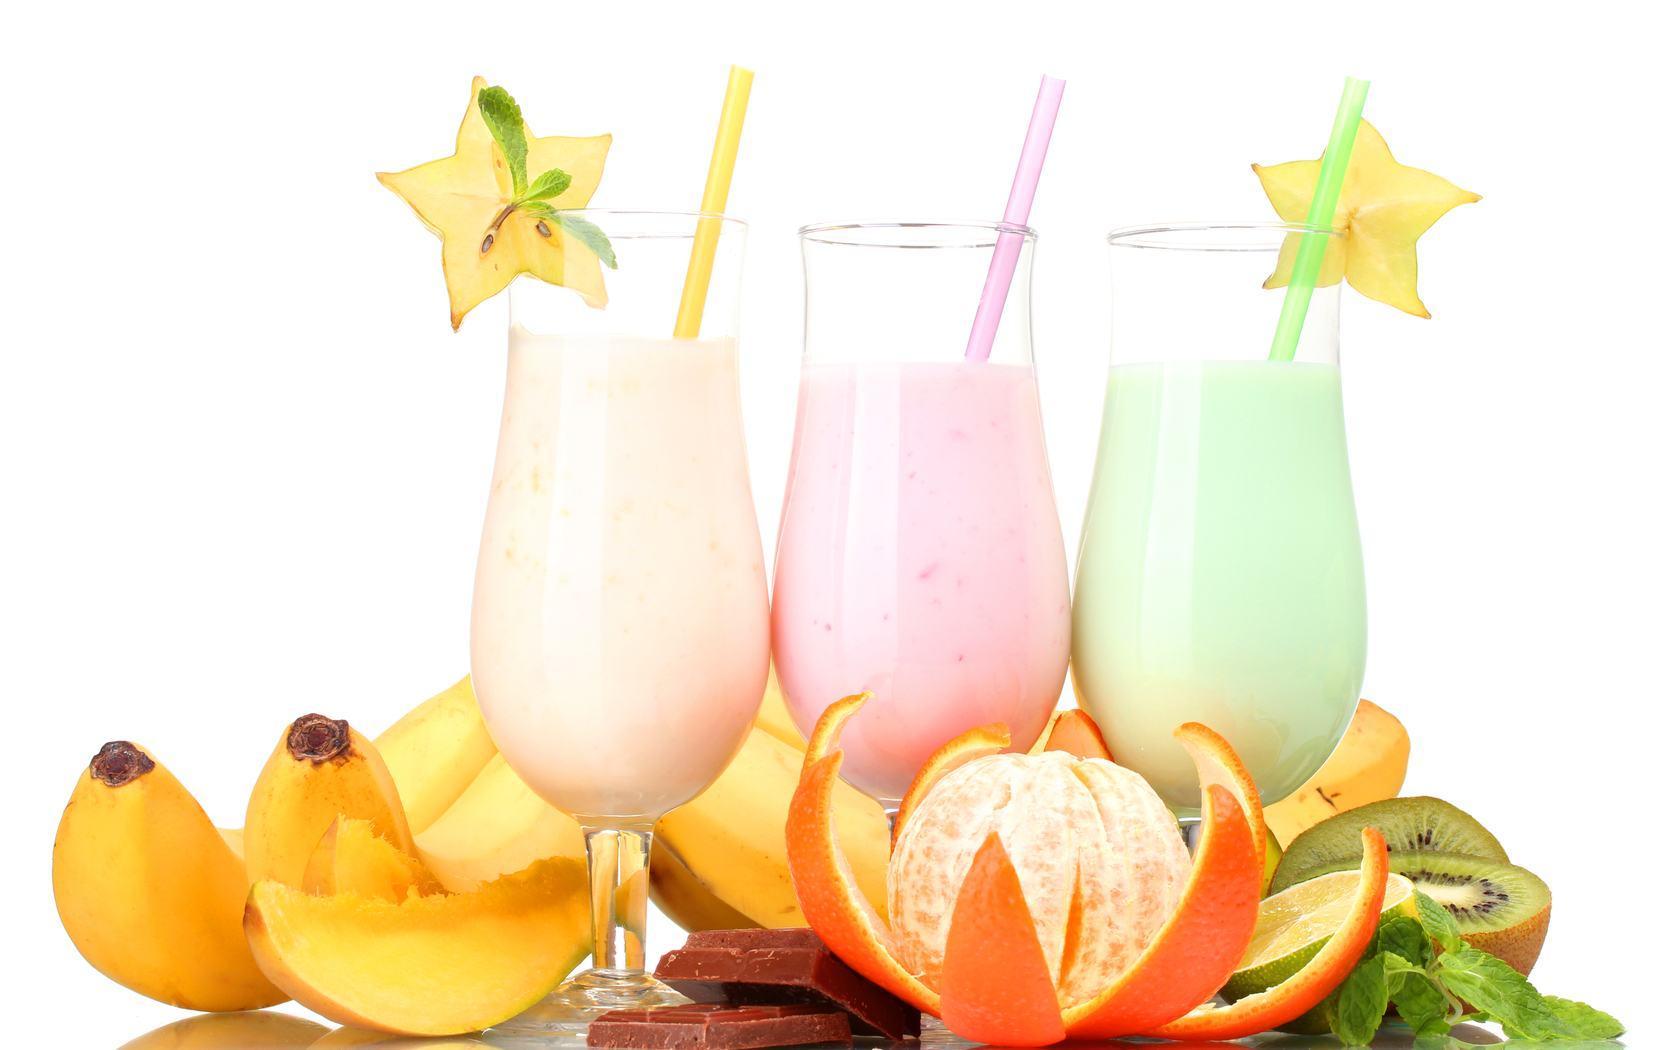 Вкусные и полезные молочные коктейли На здоровье!, а также спортивные коктейли, сиропы и спортивное питание! Просто